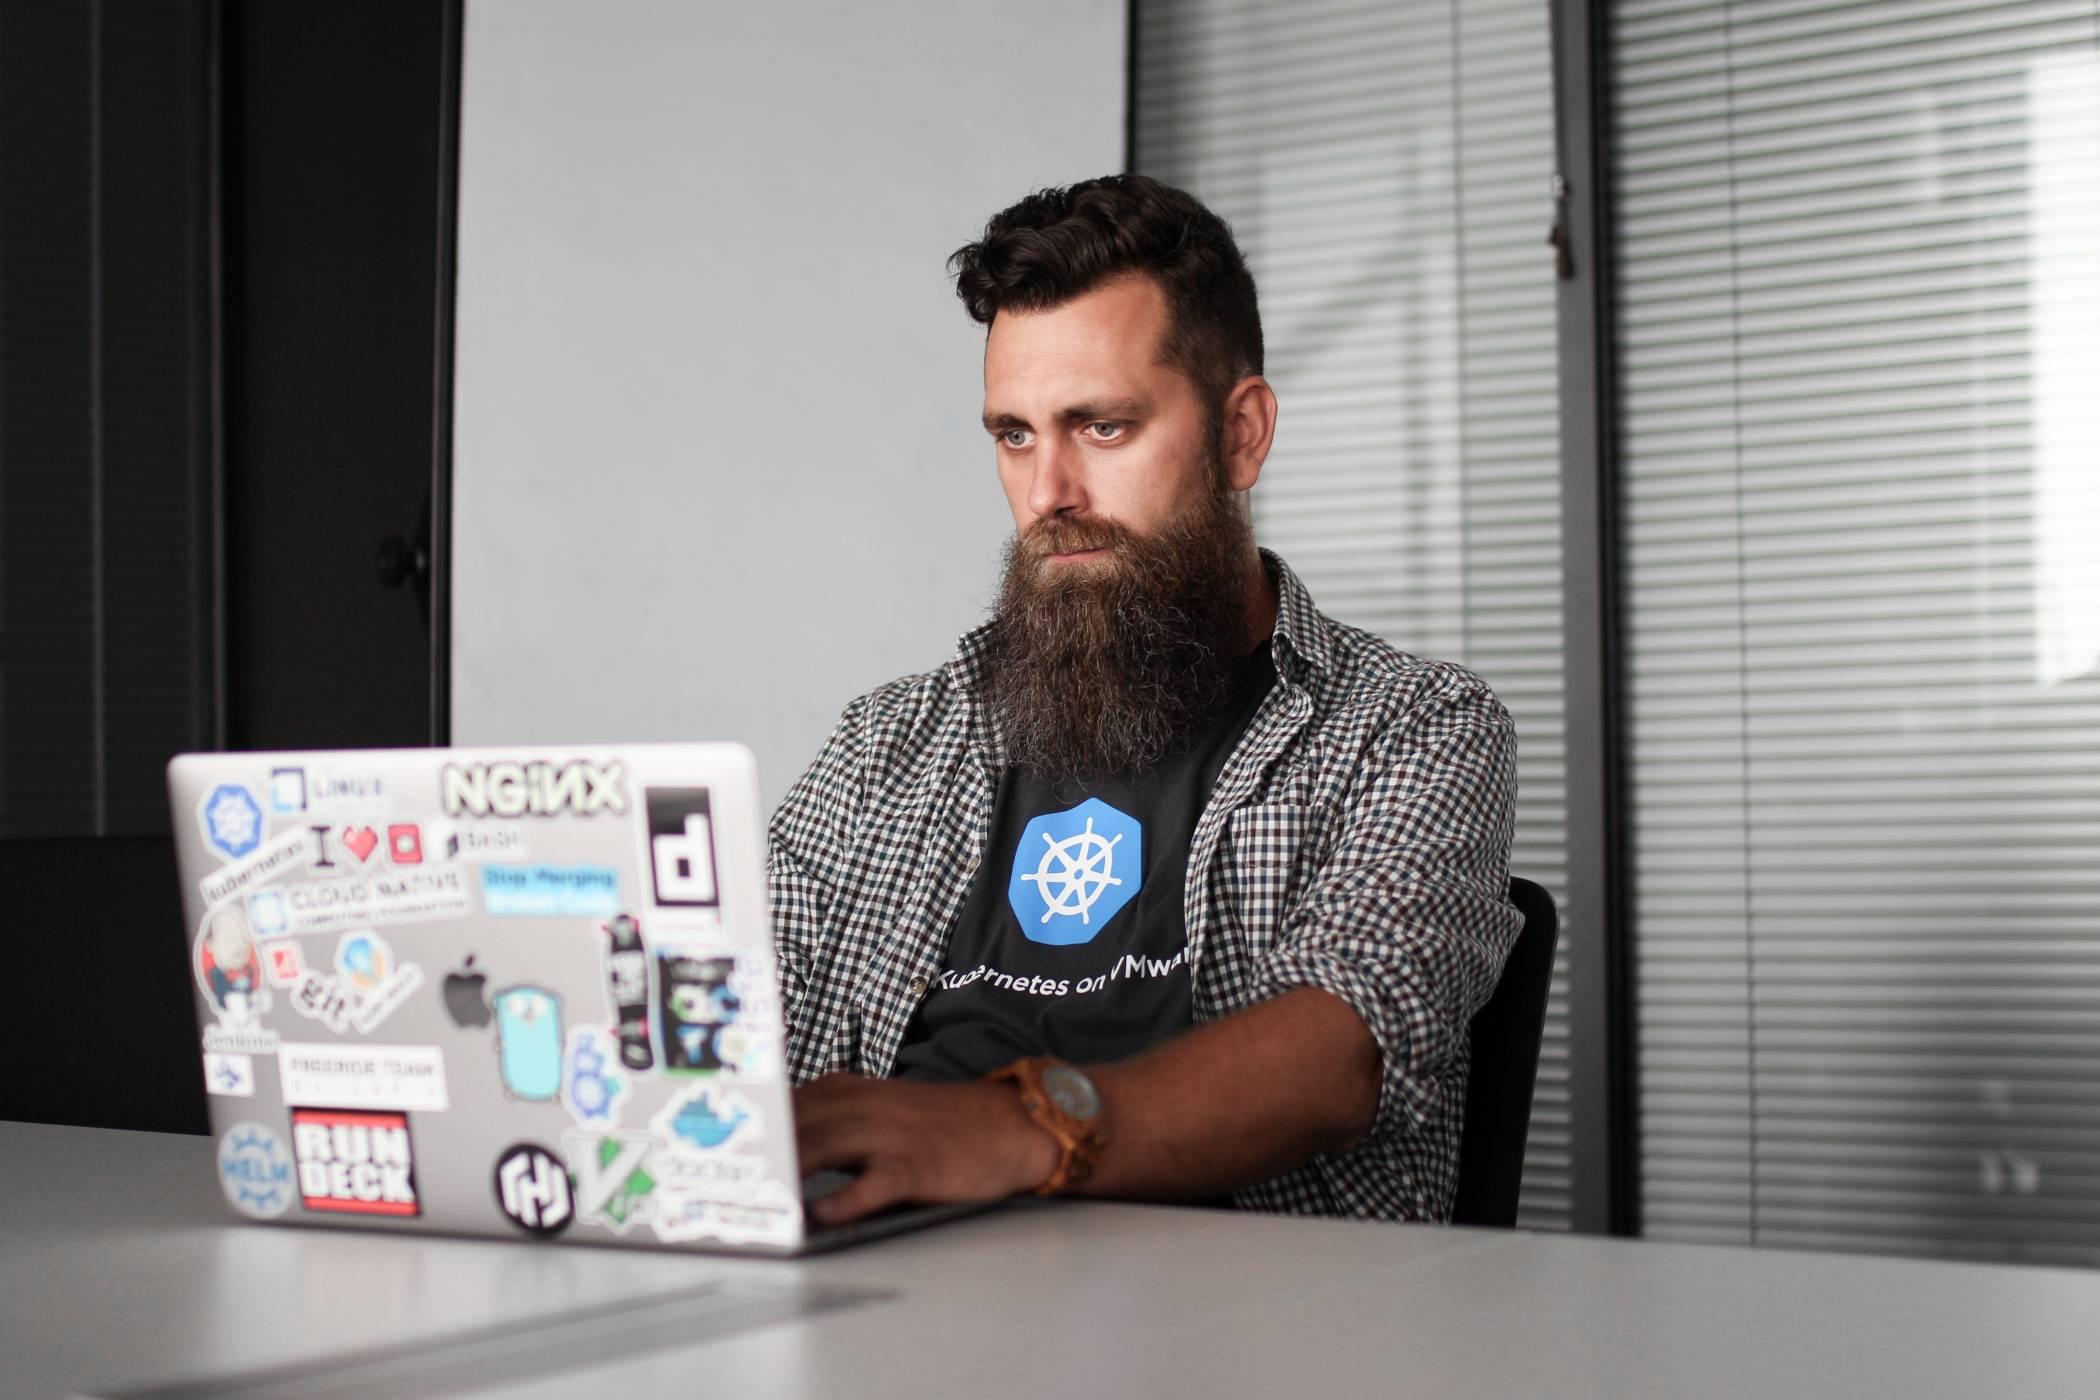 Орлин Василев: VMware ми позволява да постигна баланс между работа и свободно време